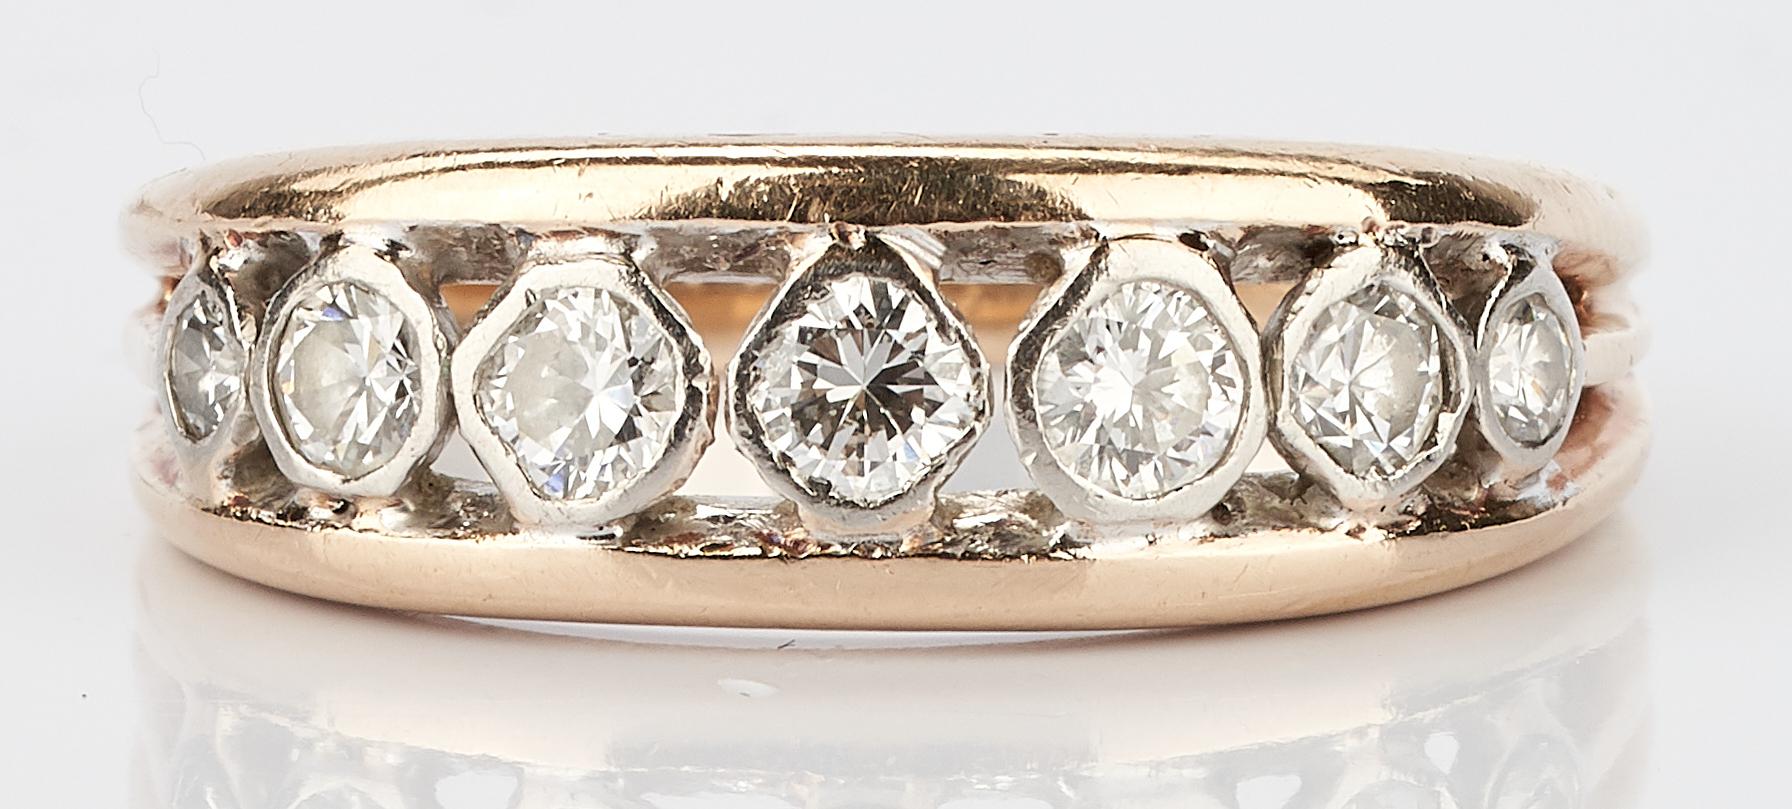 Lot 775: 5 18K & 14K Gold, Diamond, & Gemstone Jewelry Items